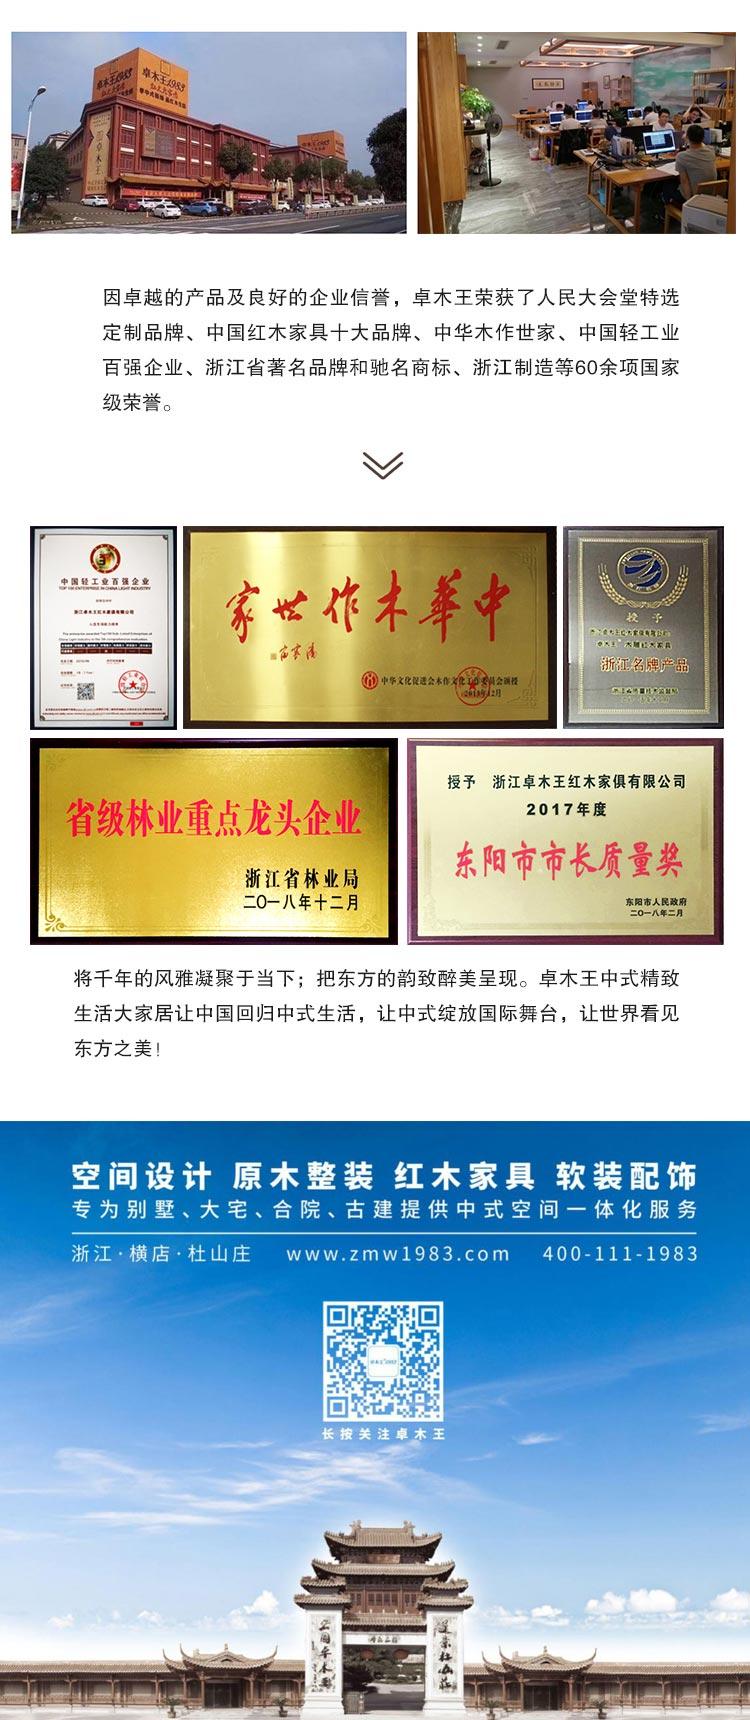 卓木王腾讯产品介绍中国梦和谐书房系列-4.jpg